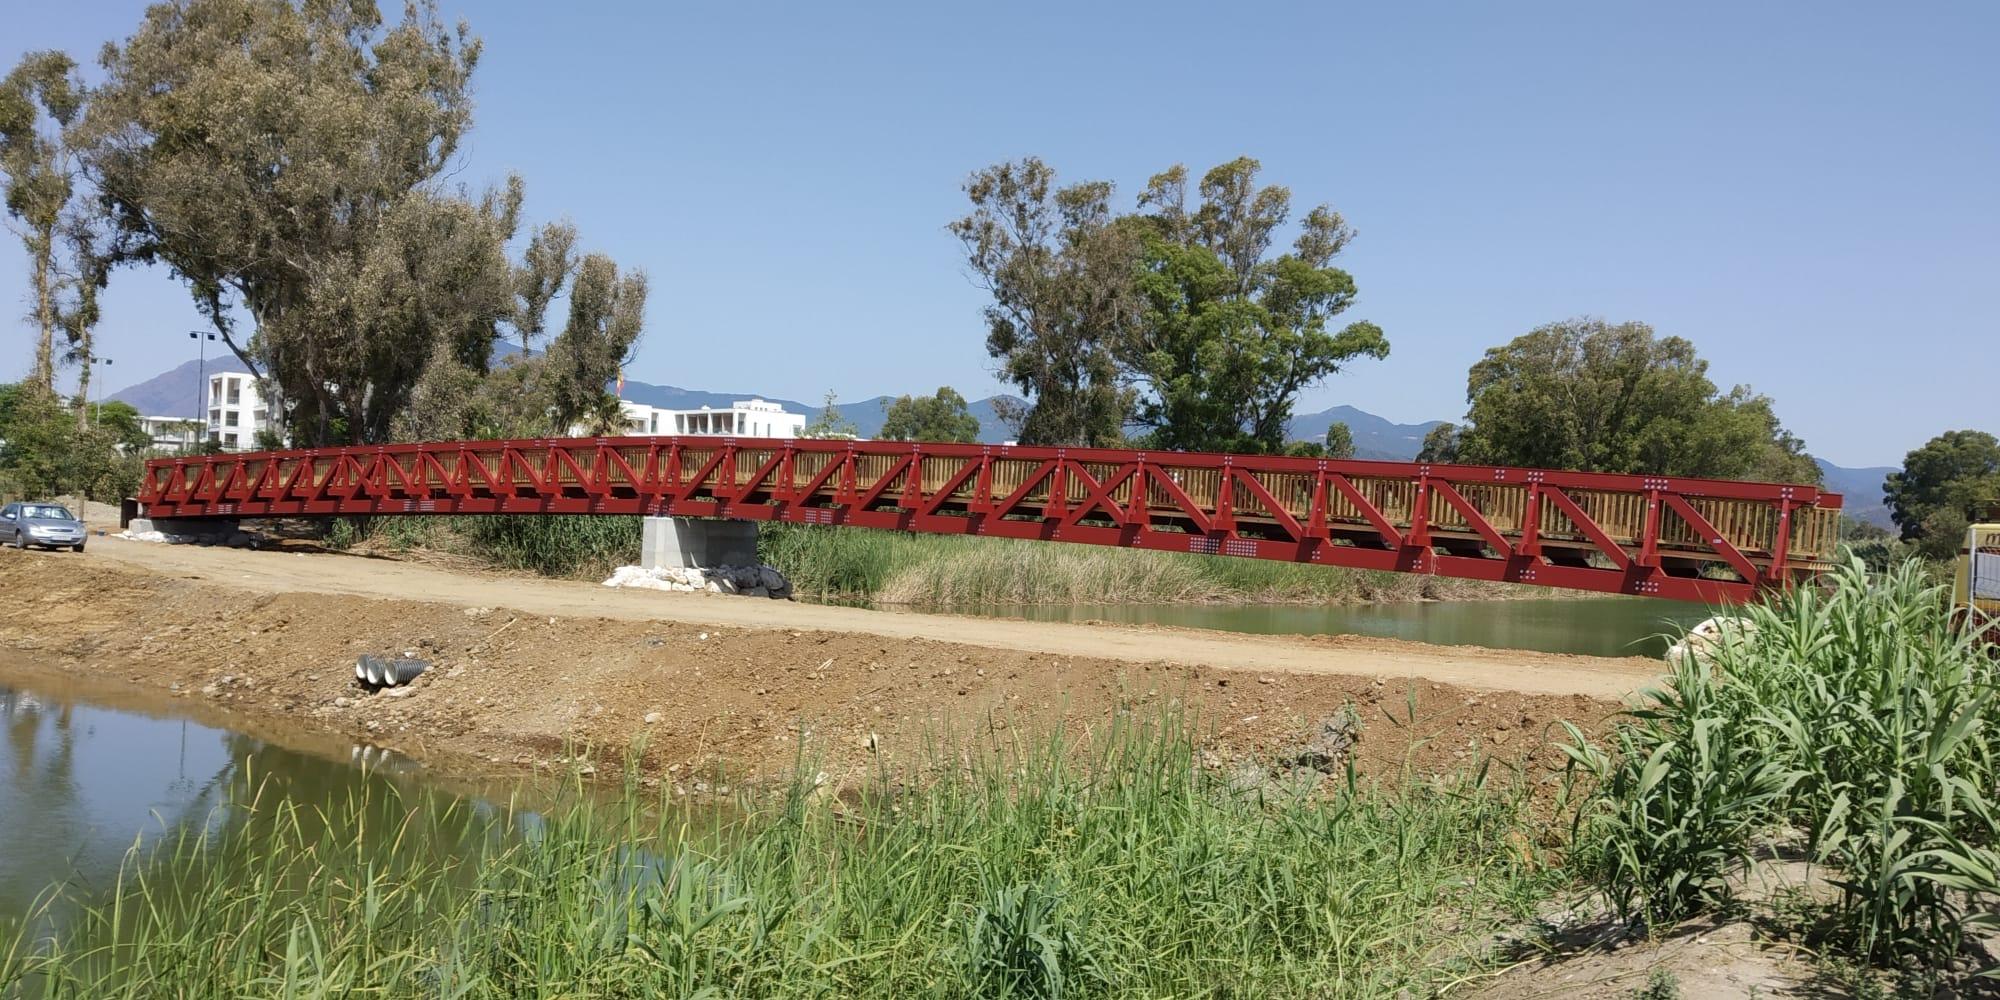 Puente 64 m sobre el río Guadalmansa, Estepona